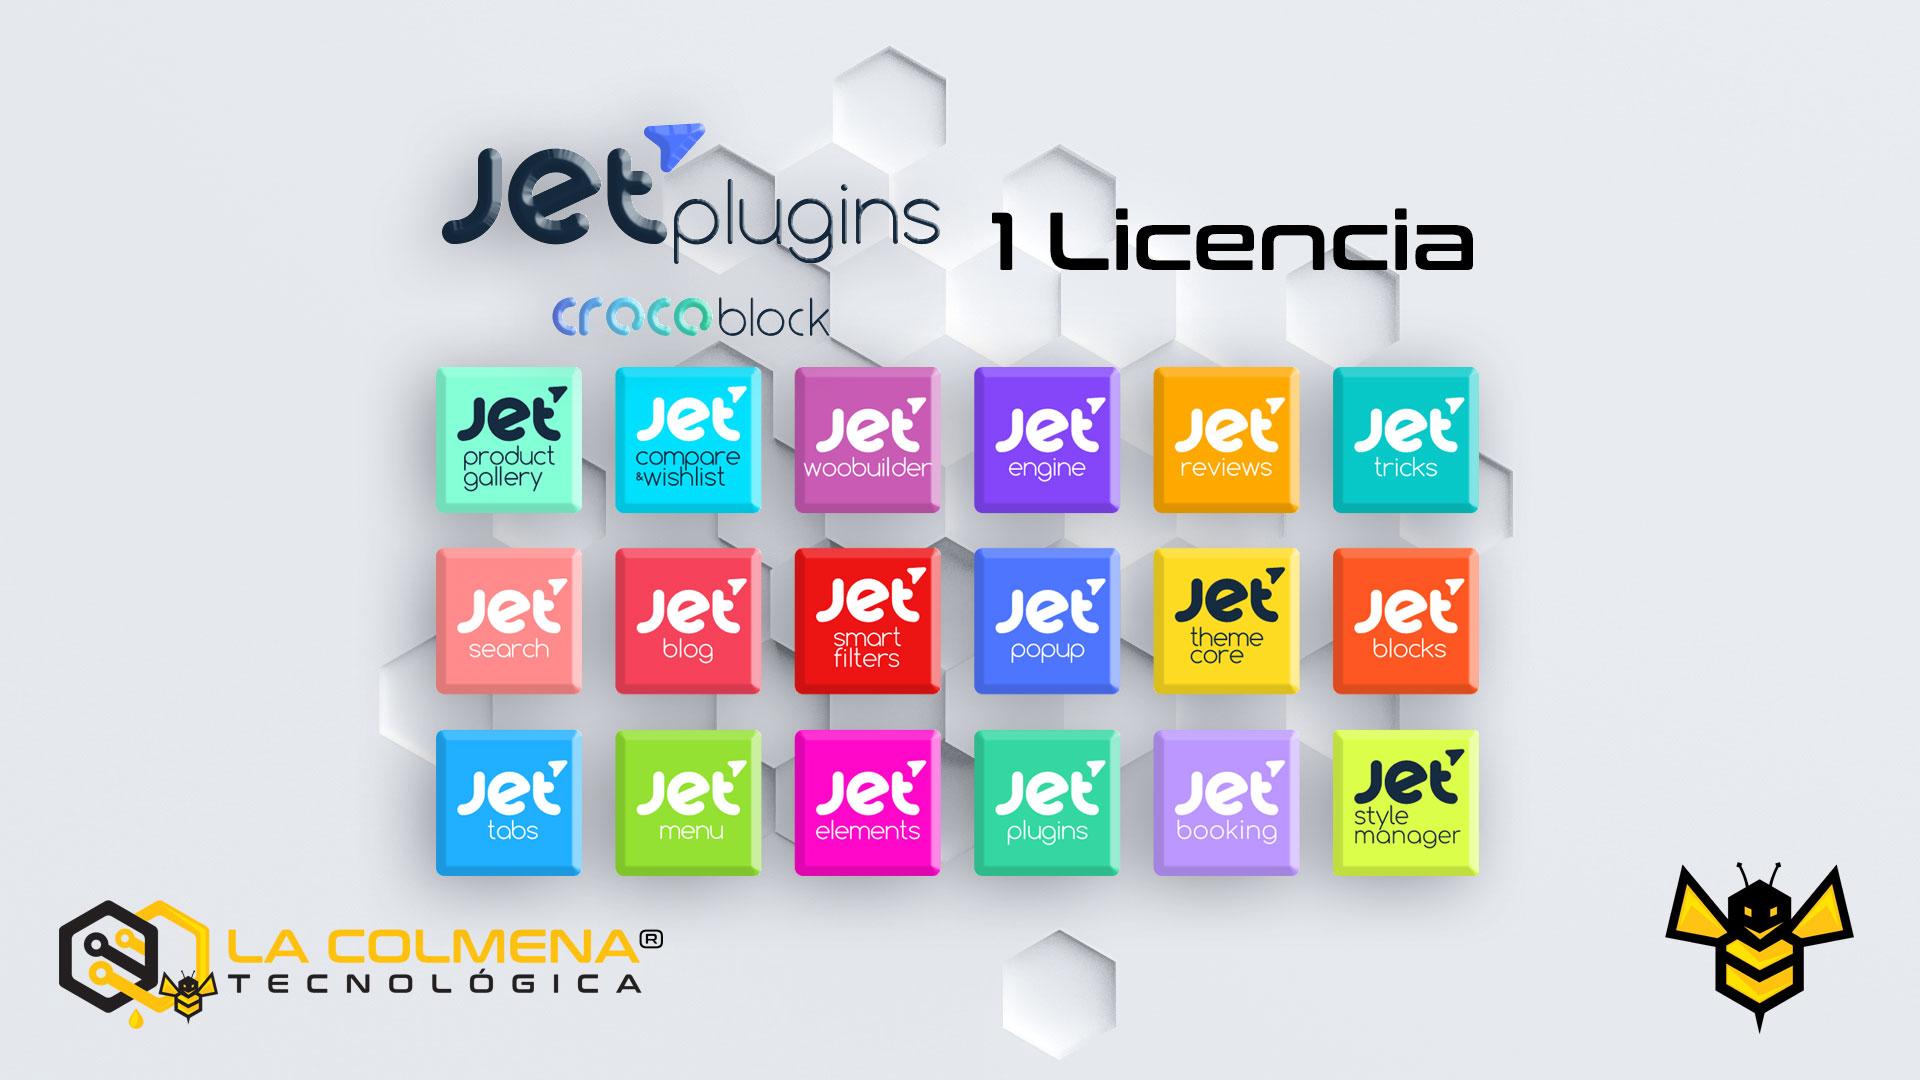 1 Licencia JetPlugins de Crocoblock